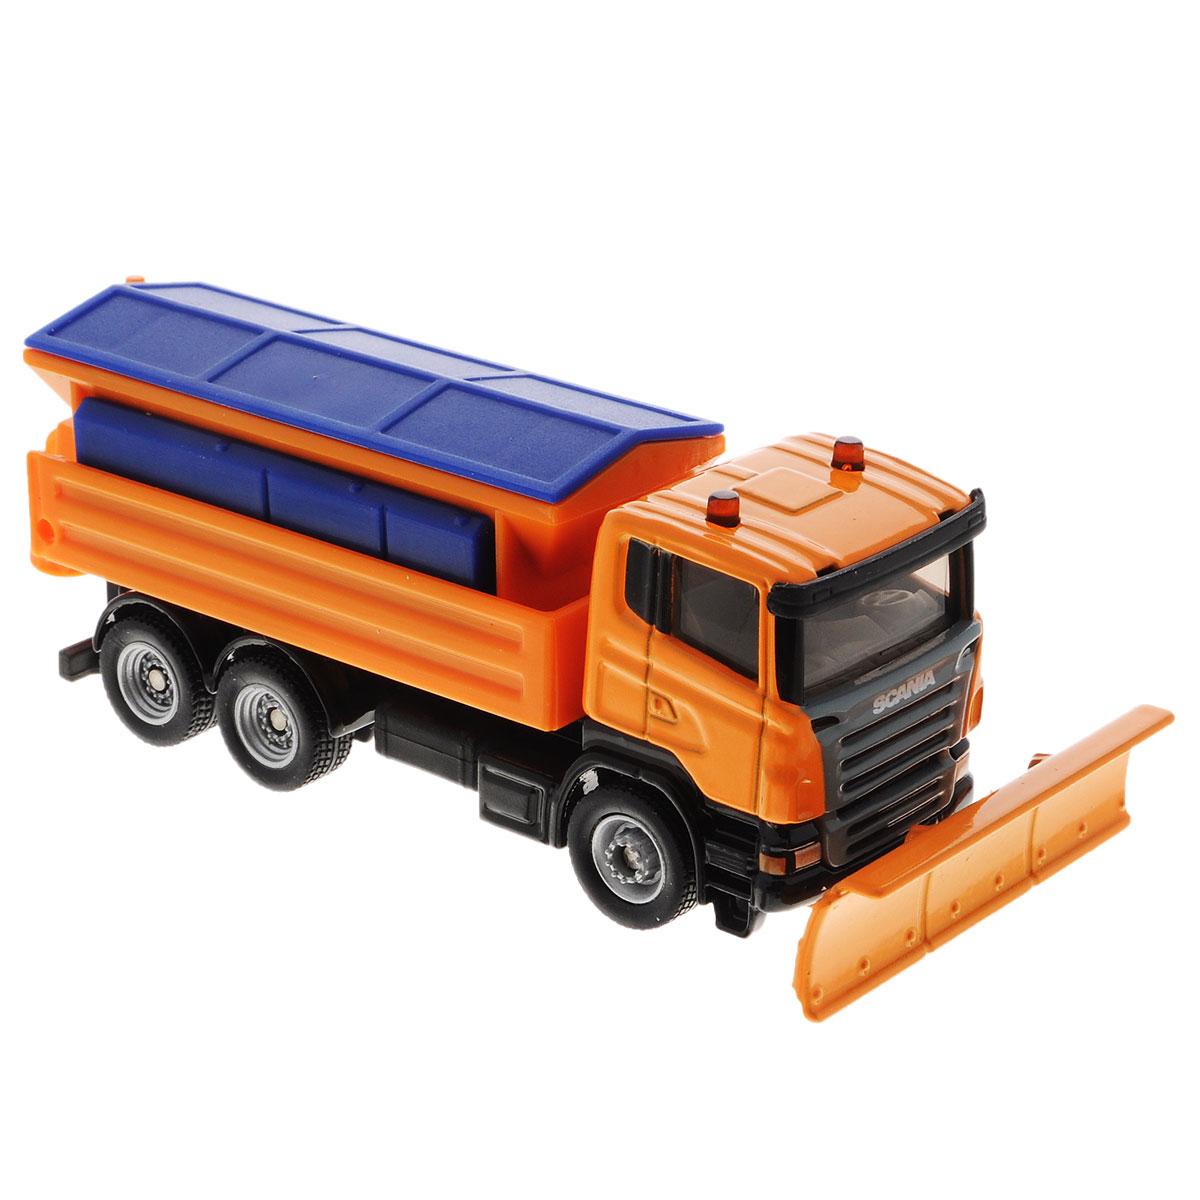 Siku Снегоуборочная машина Aebi-Schmidt1898Коллекционная модель Siku Снегоуборочная машина представляет собой реалистичную модель снегоуборщика, выполненную в мельчайших подробностях. Кабина машинки сделана из металла, кузов из пластика, колеса прорезинены. Отвал поворачивается, крыша кузова снимается, разбрызгиватель поднимается. Коллекционная модель Siku Снегоуборочная машина станет украшением любой коллекции и отличным подарком для ребенка!